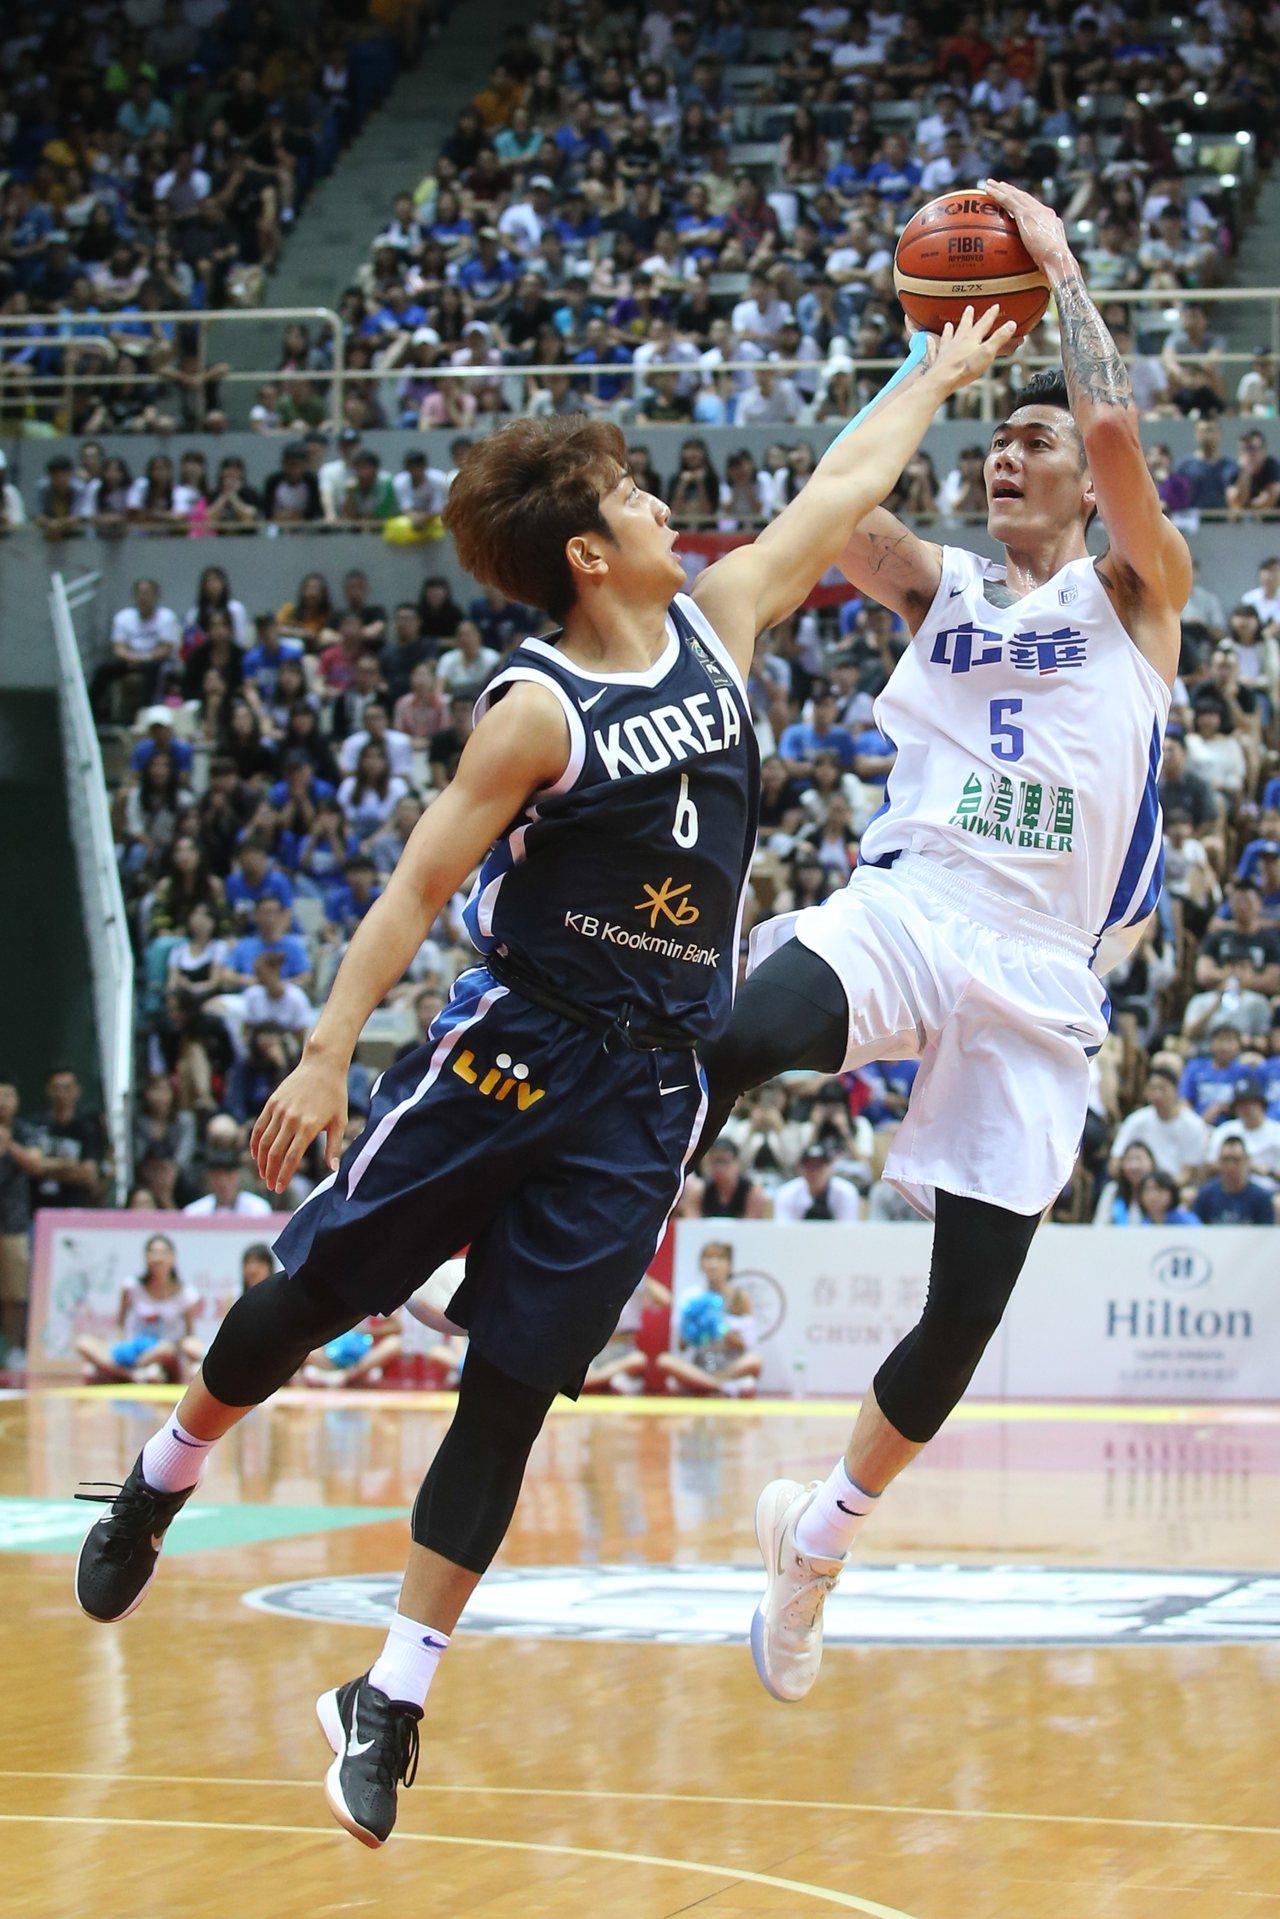 劉錚(右)跳投,南韓後衛許訓出手干擾。記者葉信菉/攝影